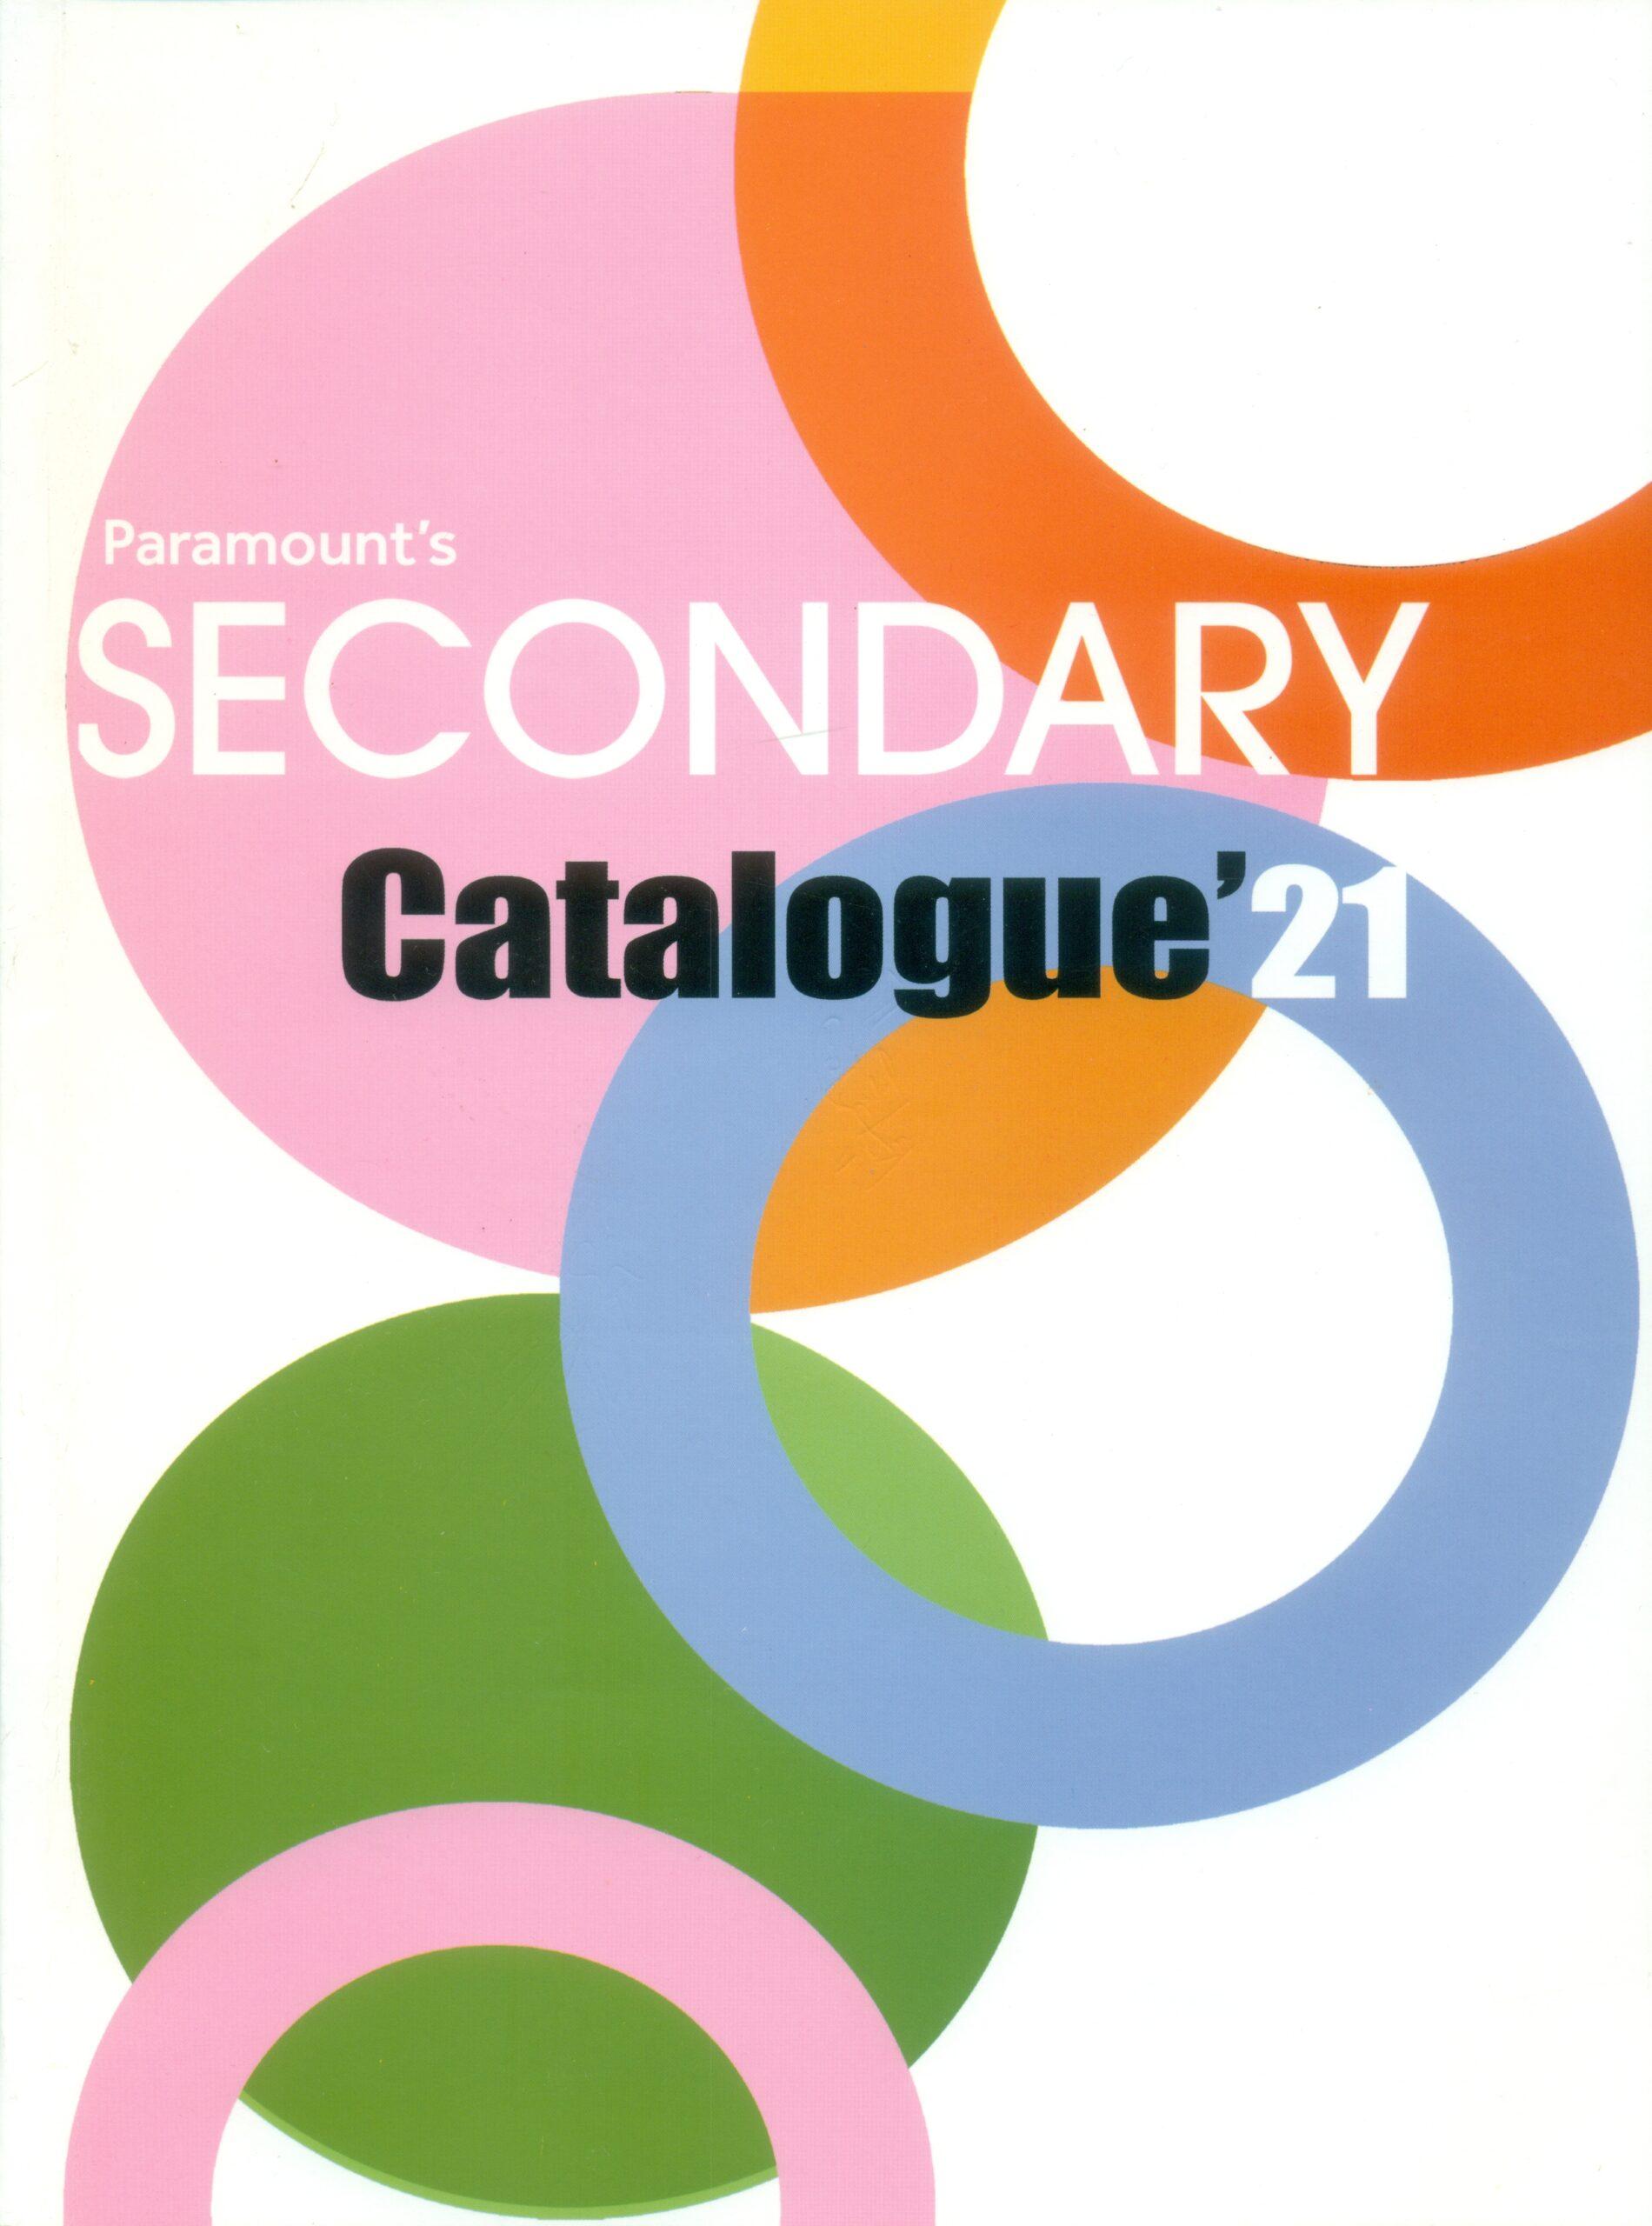 Paramount Secondary Catalogue 21